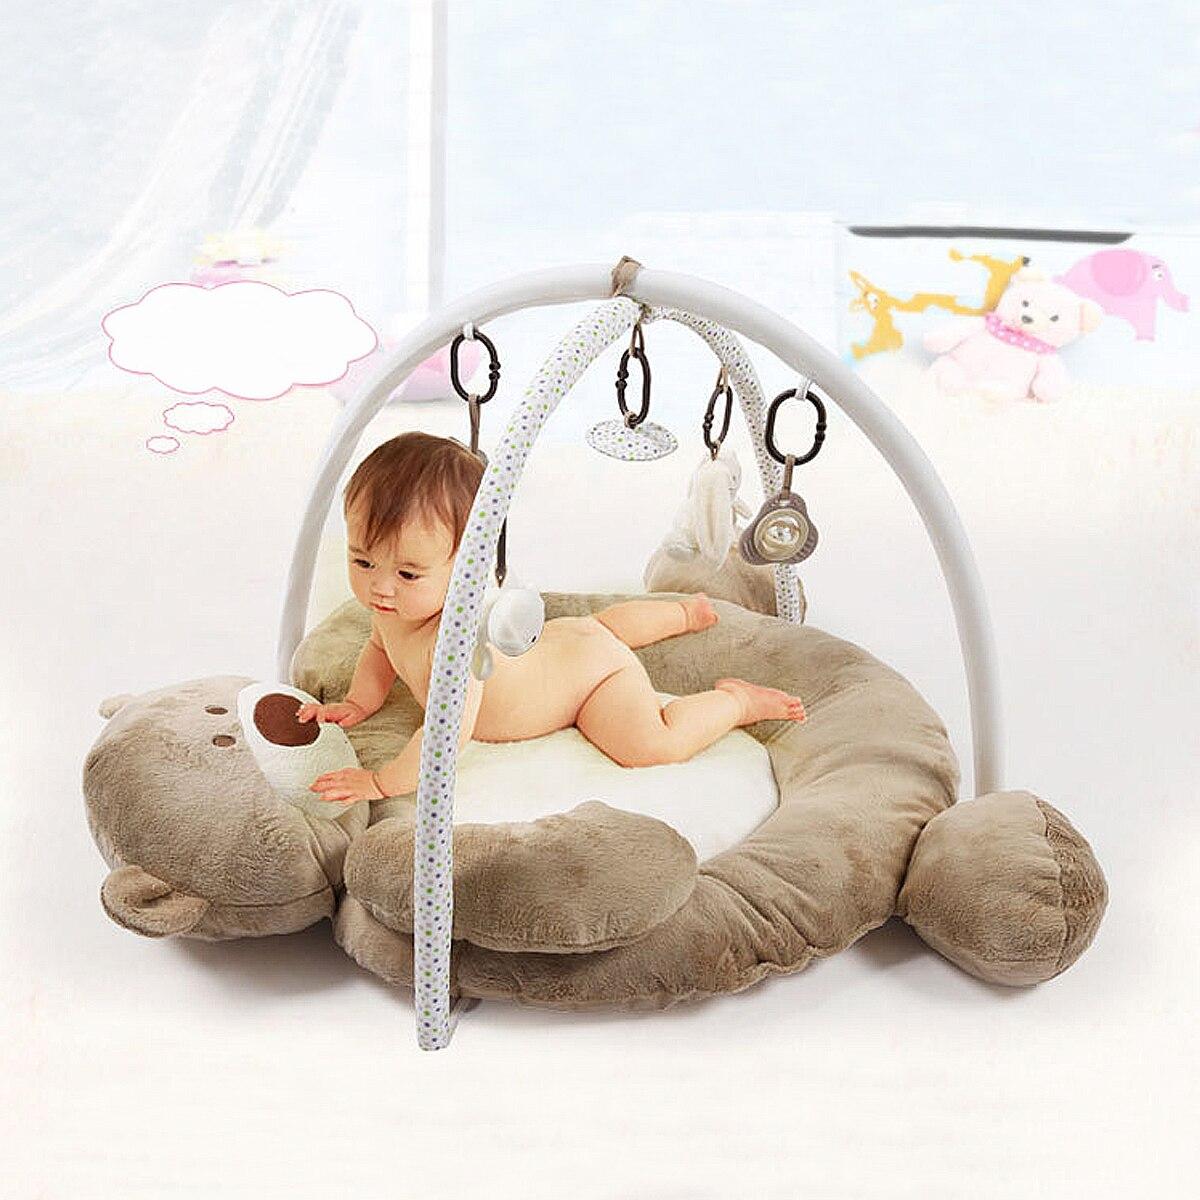 95x85x60 cm bébé tapis de jeu tapis développer ramper enfant musique tapis de sécurité dessin animé doux pour enfants jouet éducatif